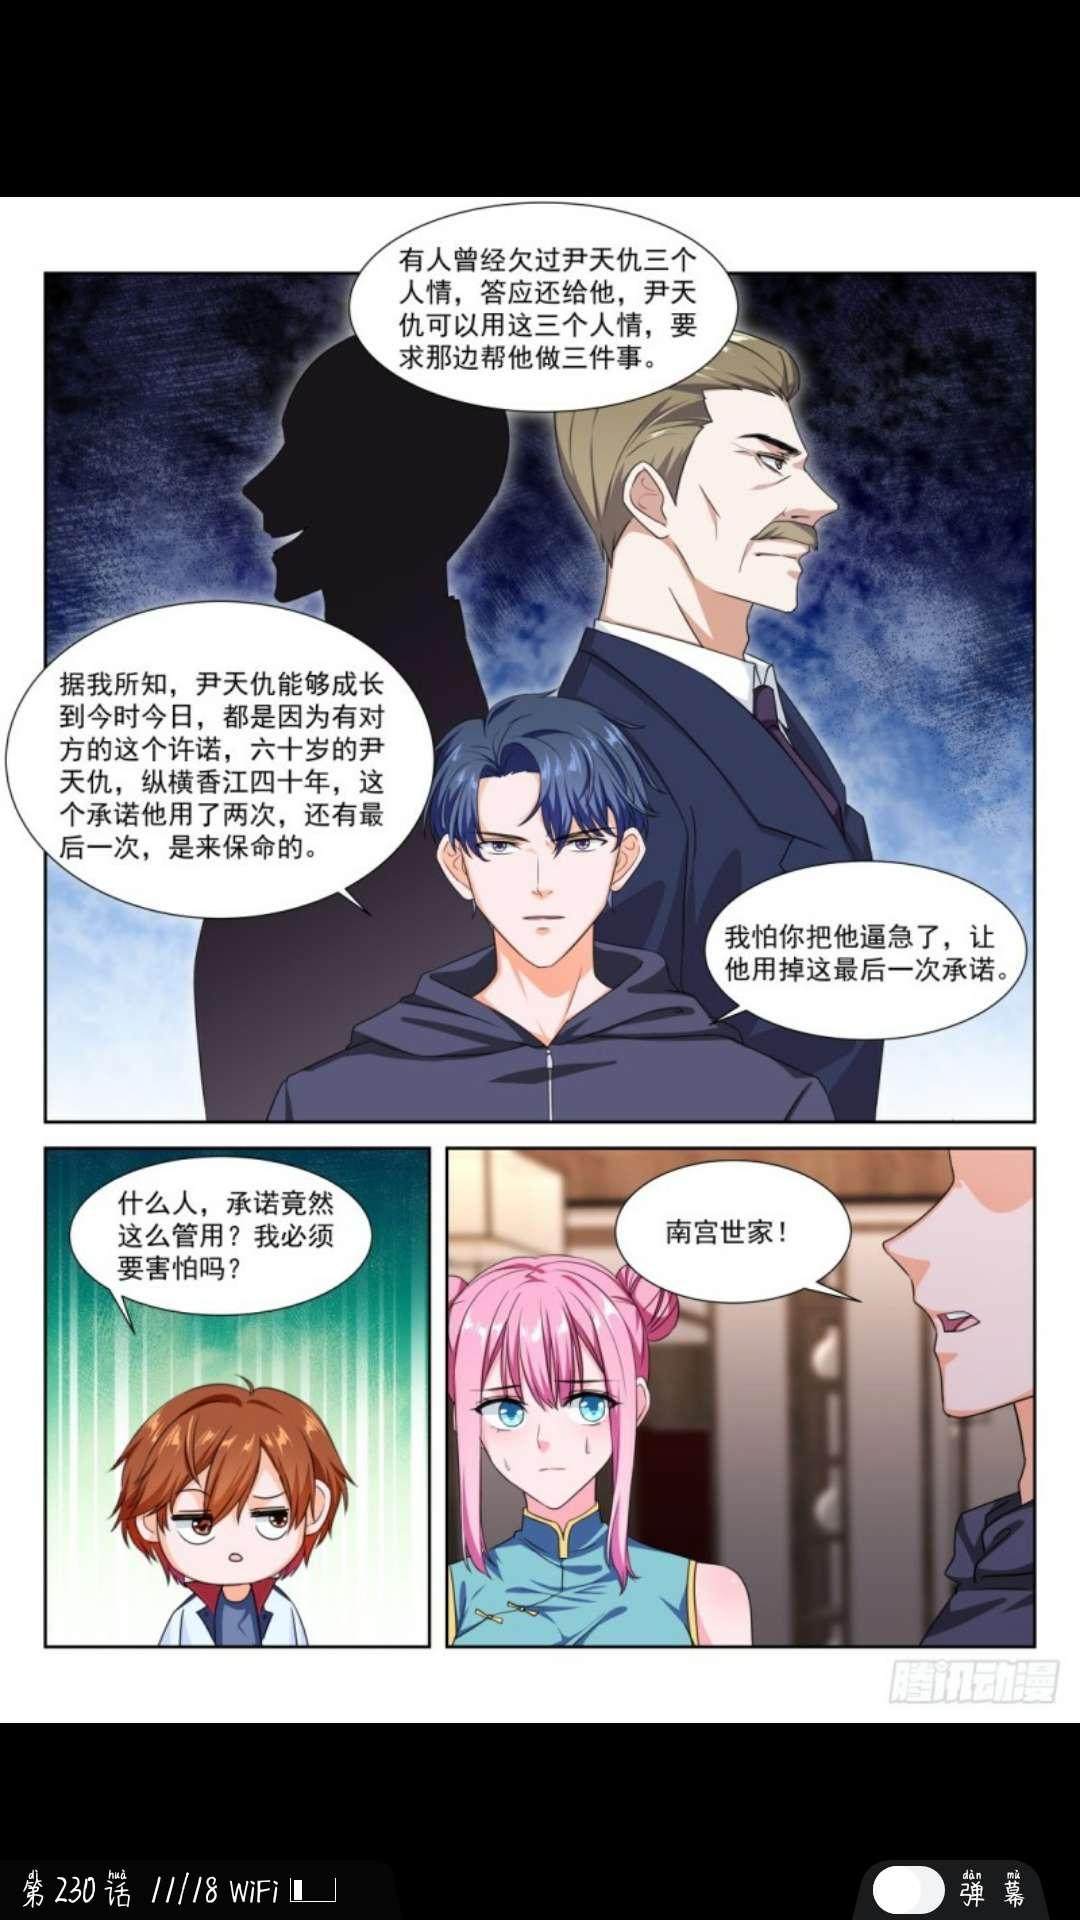 【漫画更新】最强枭雄系统*